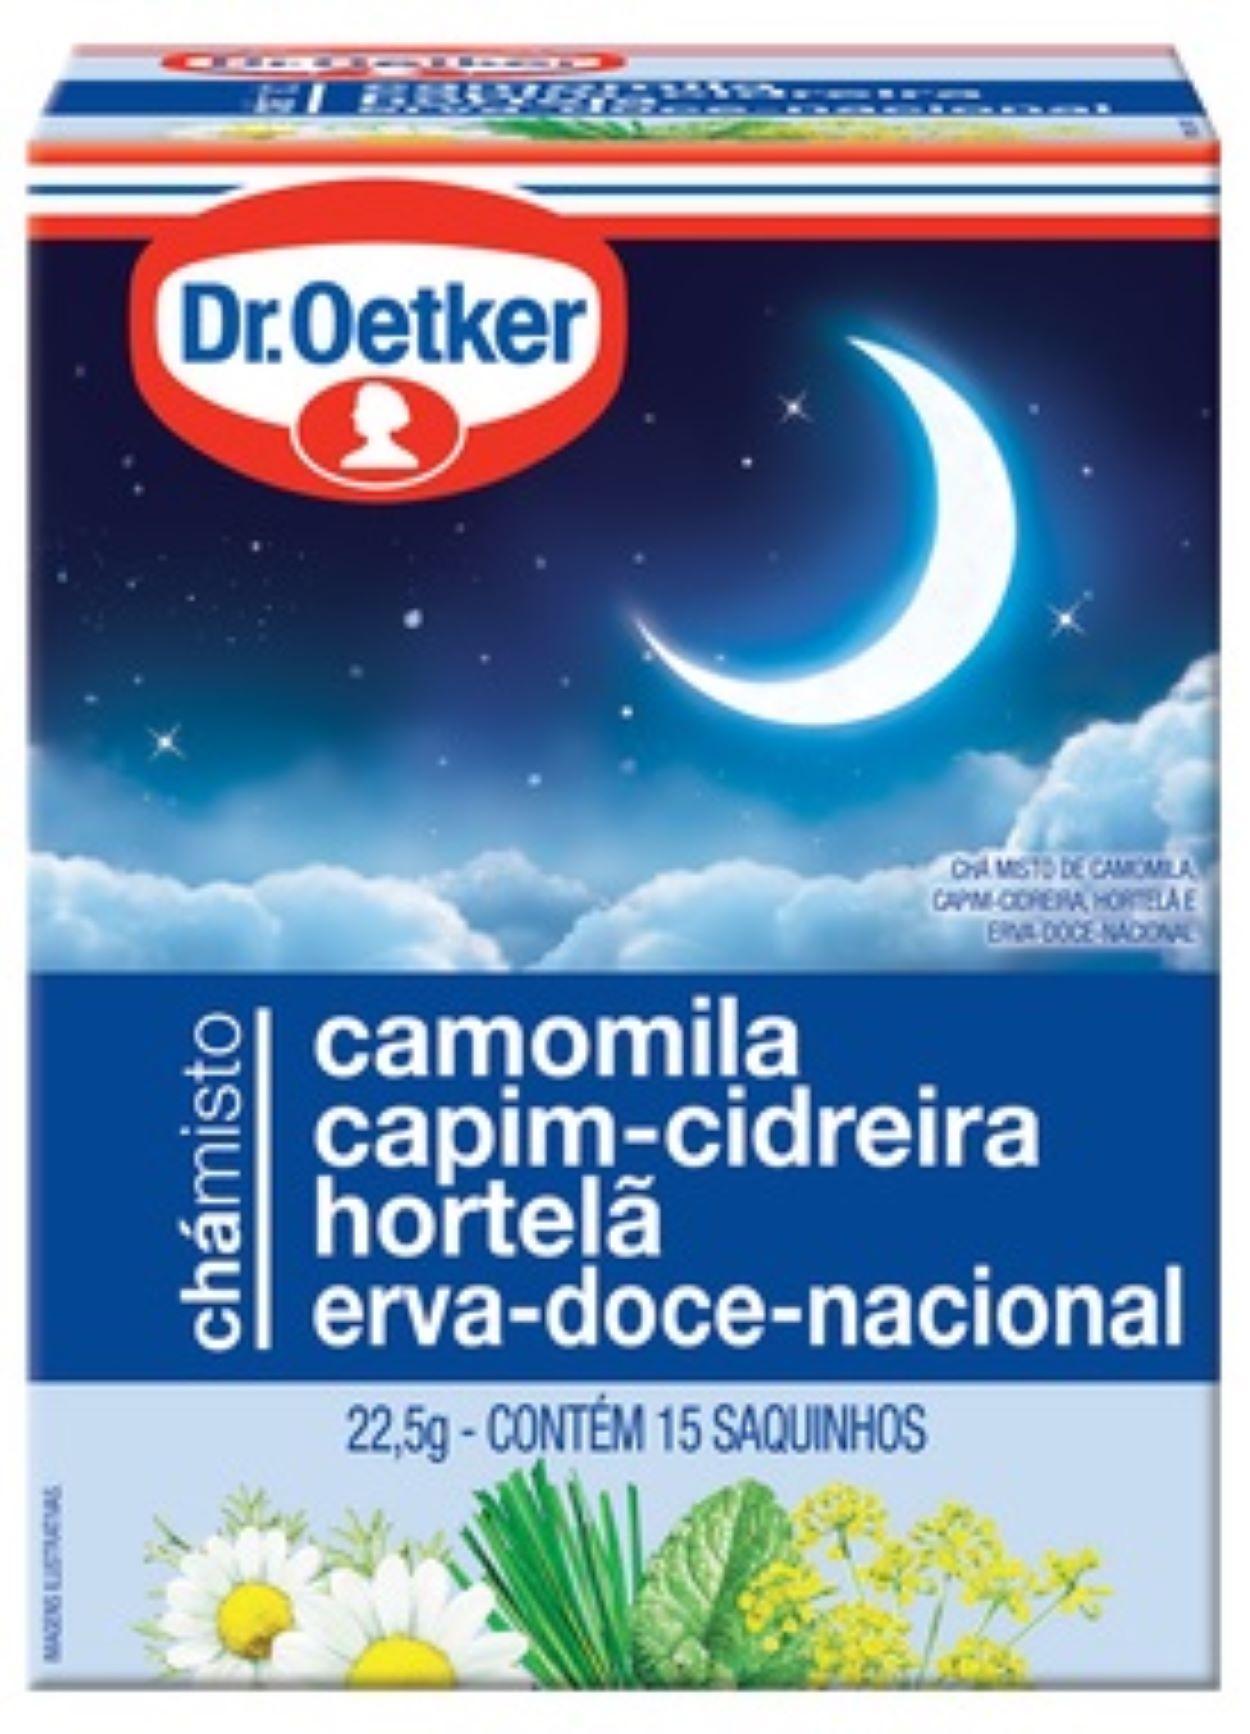 CHÁ MISTO- CAMOMILA, CAPIM CIDREIRA, HORTELÃ E ERVA DOCE NACIONAL - KIT COM 02 CAIXAS DR OETKER